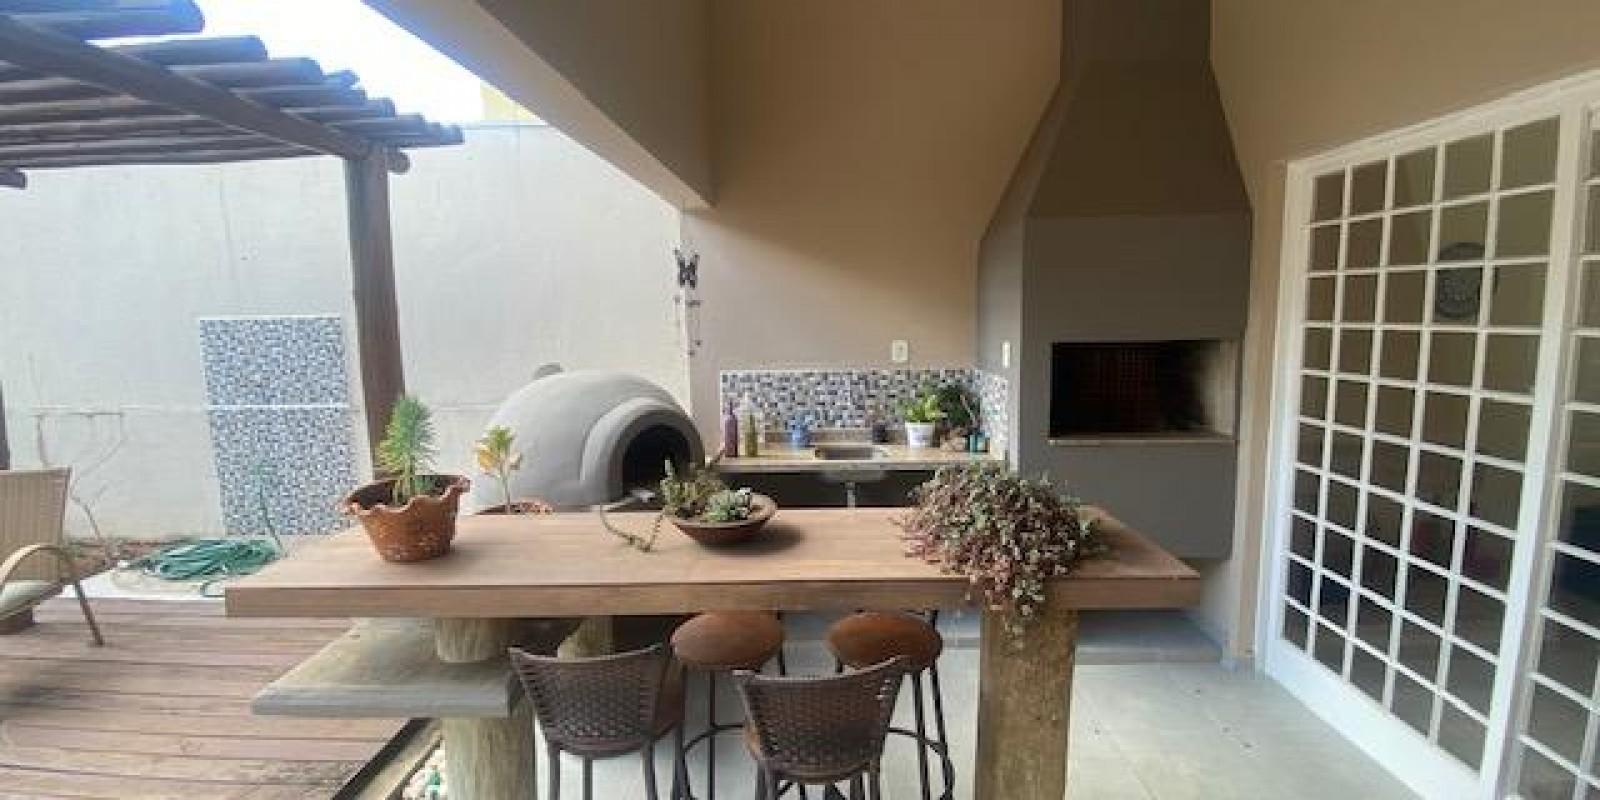 Casa no Bairro Brabancia em Avaré SP - Foto 16 de 24